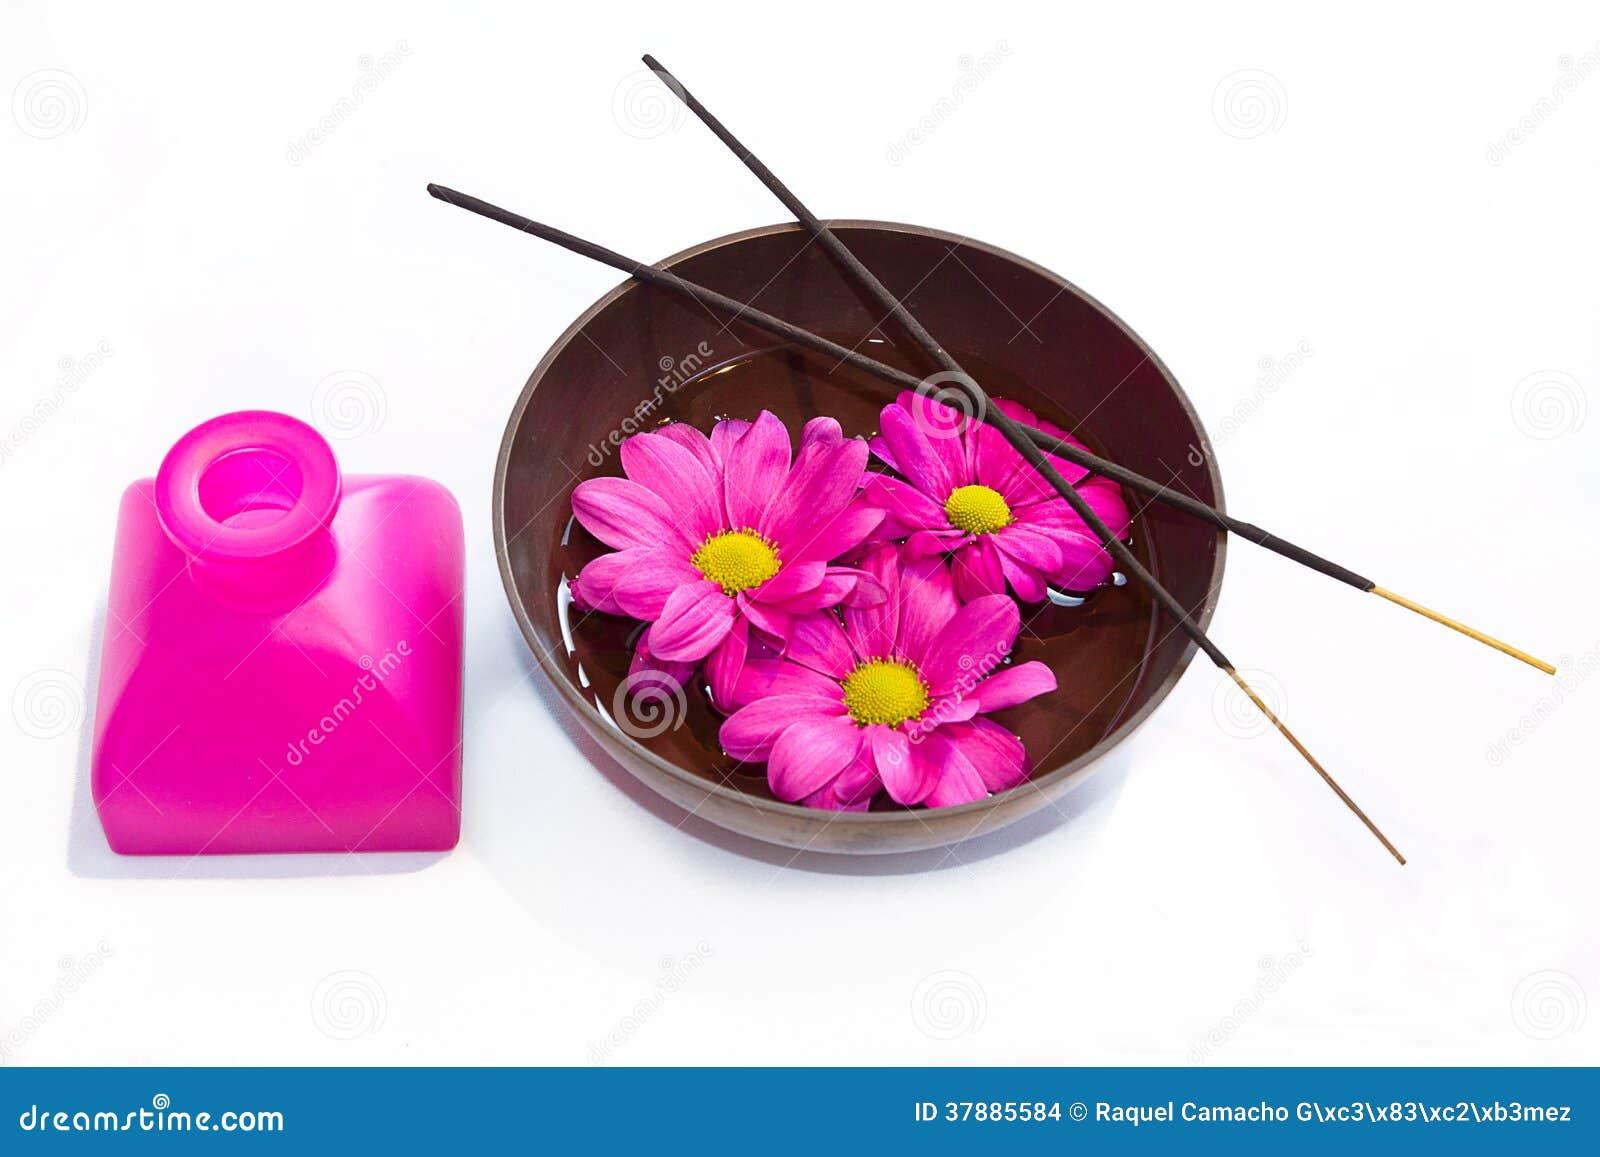 Elementen voor ayurvedic massage.